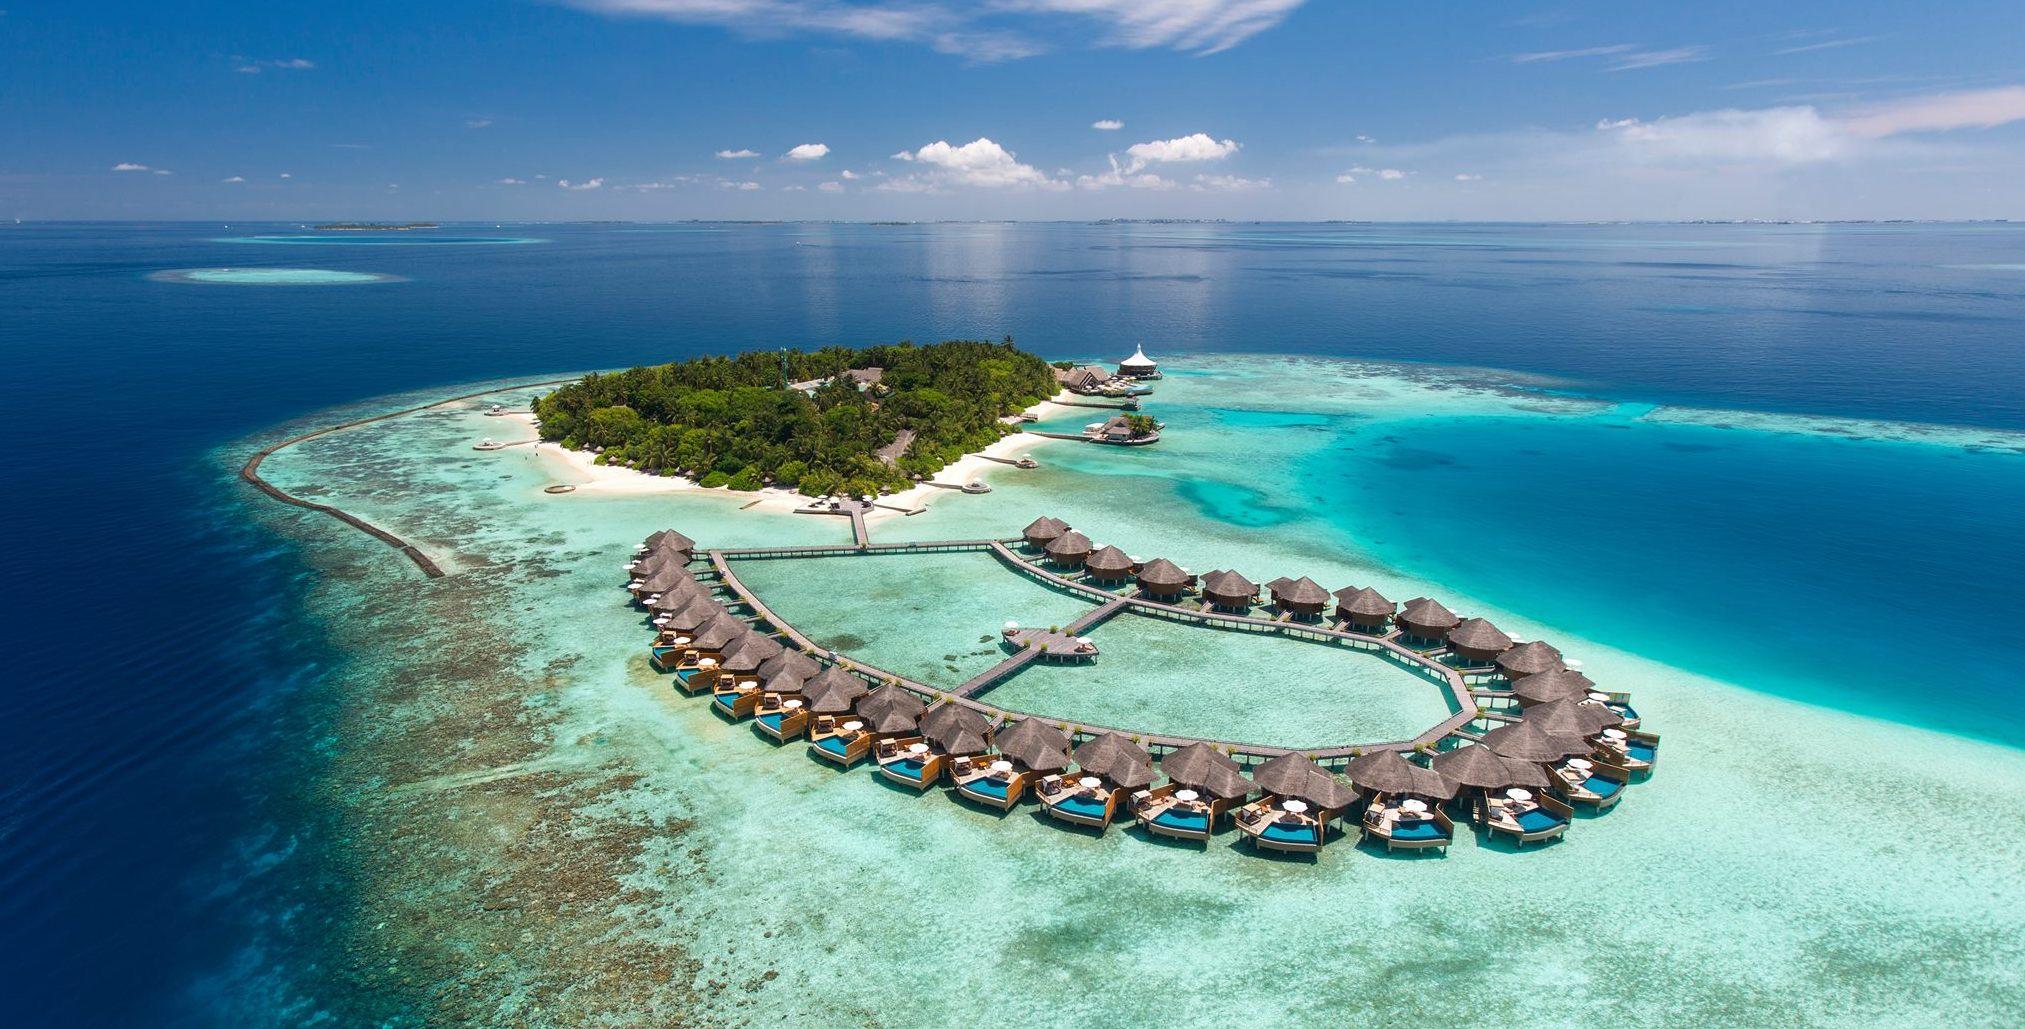 Top 10: Los mejores hoteles de lujo del mundo según TripAdvisor